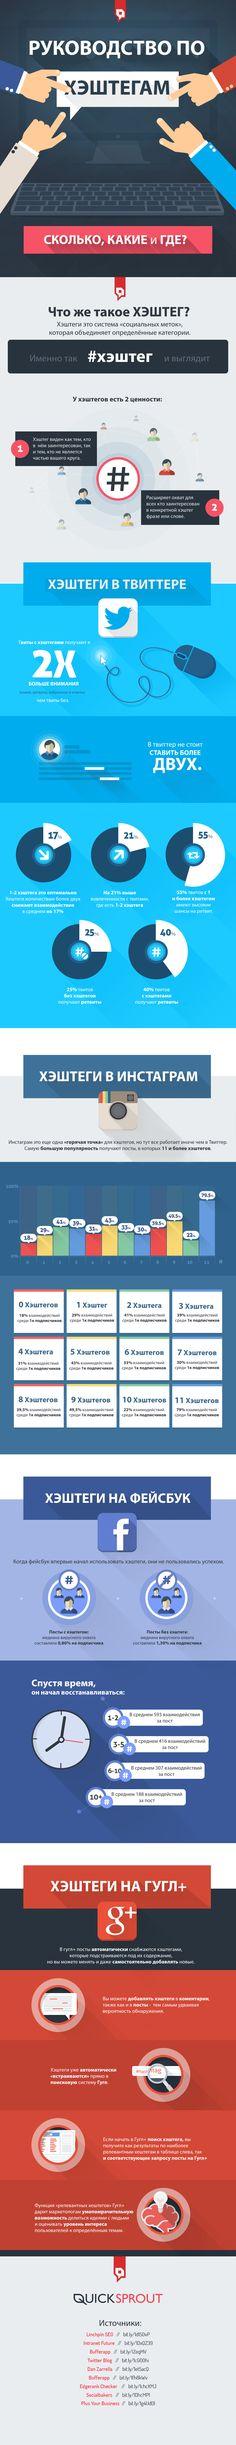 Перевод интереснейшей инфографики о правильном использовании #хэштегов: что это, зачем и в чем отличие в разных соц. сетях. В инфографике рассмотрены примеры использования хэштегов в Твиттере, Инстаграмме, Фейсбуке и Гугл+.